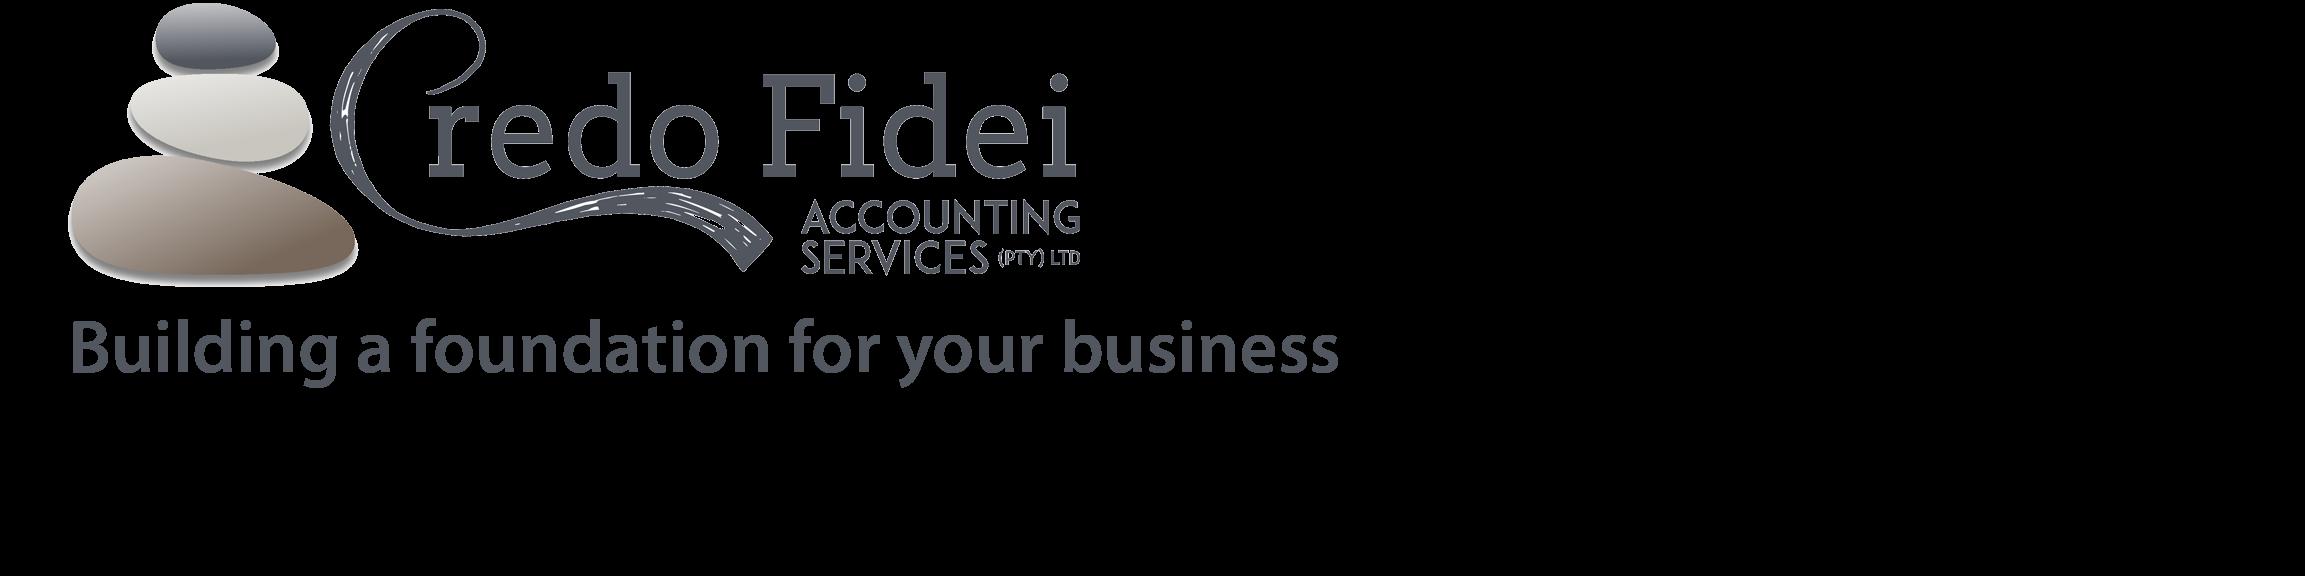 Credo Fidei Accounting Services